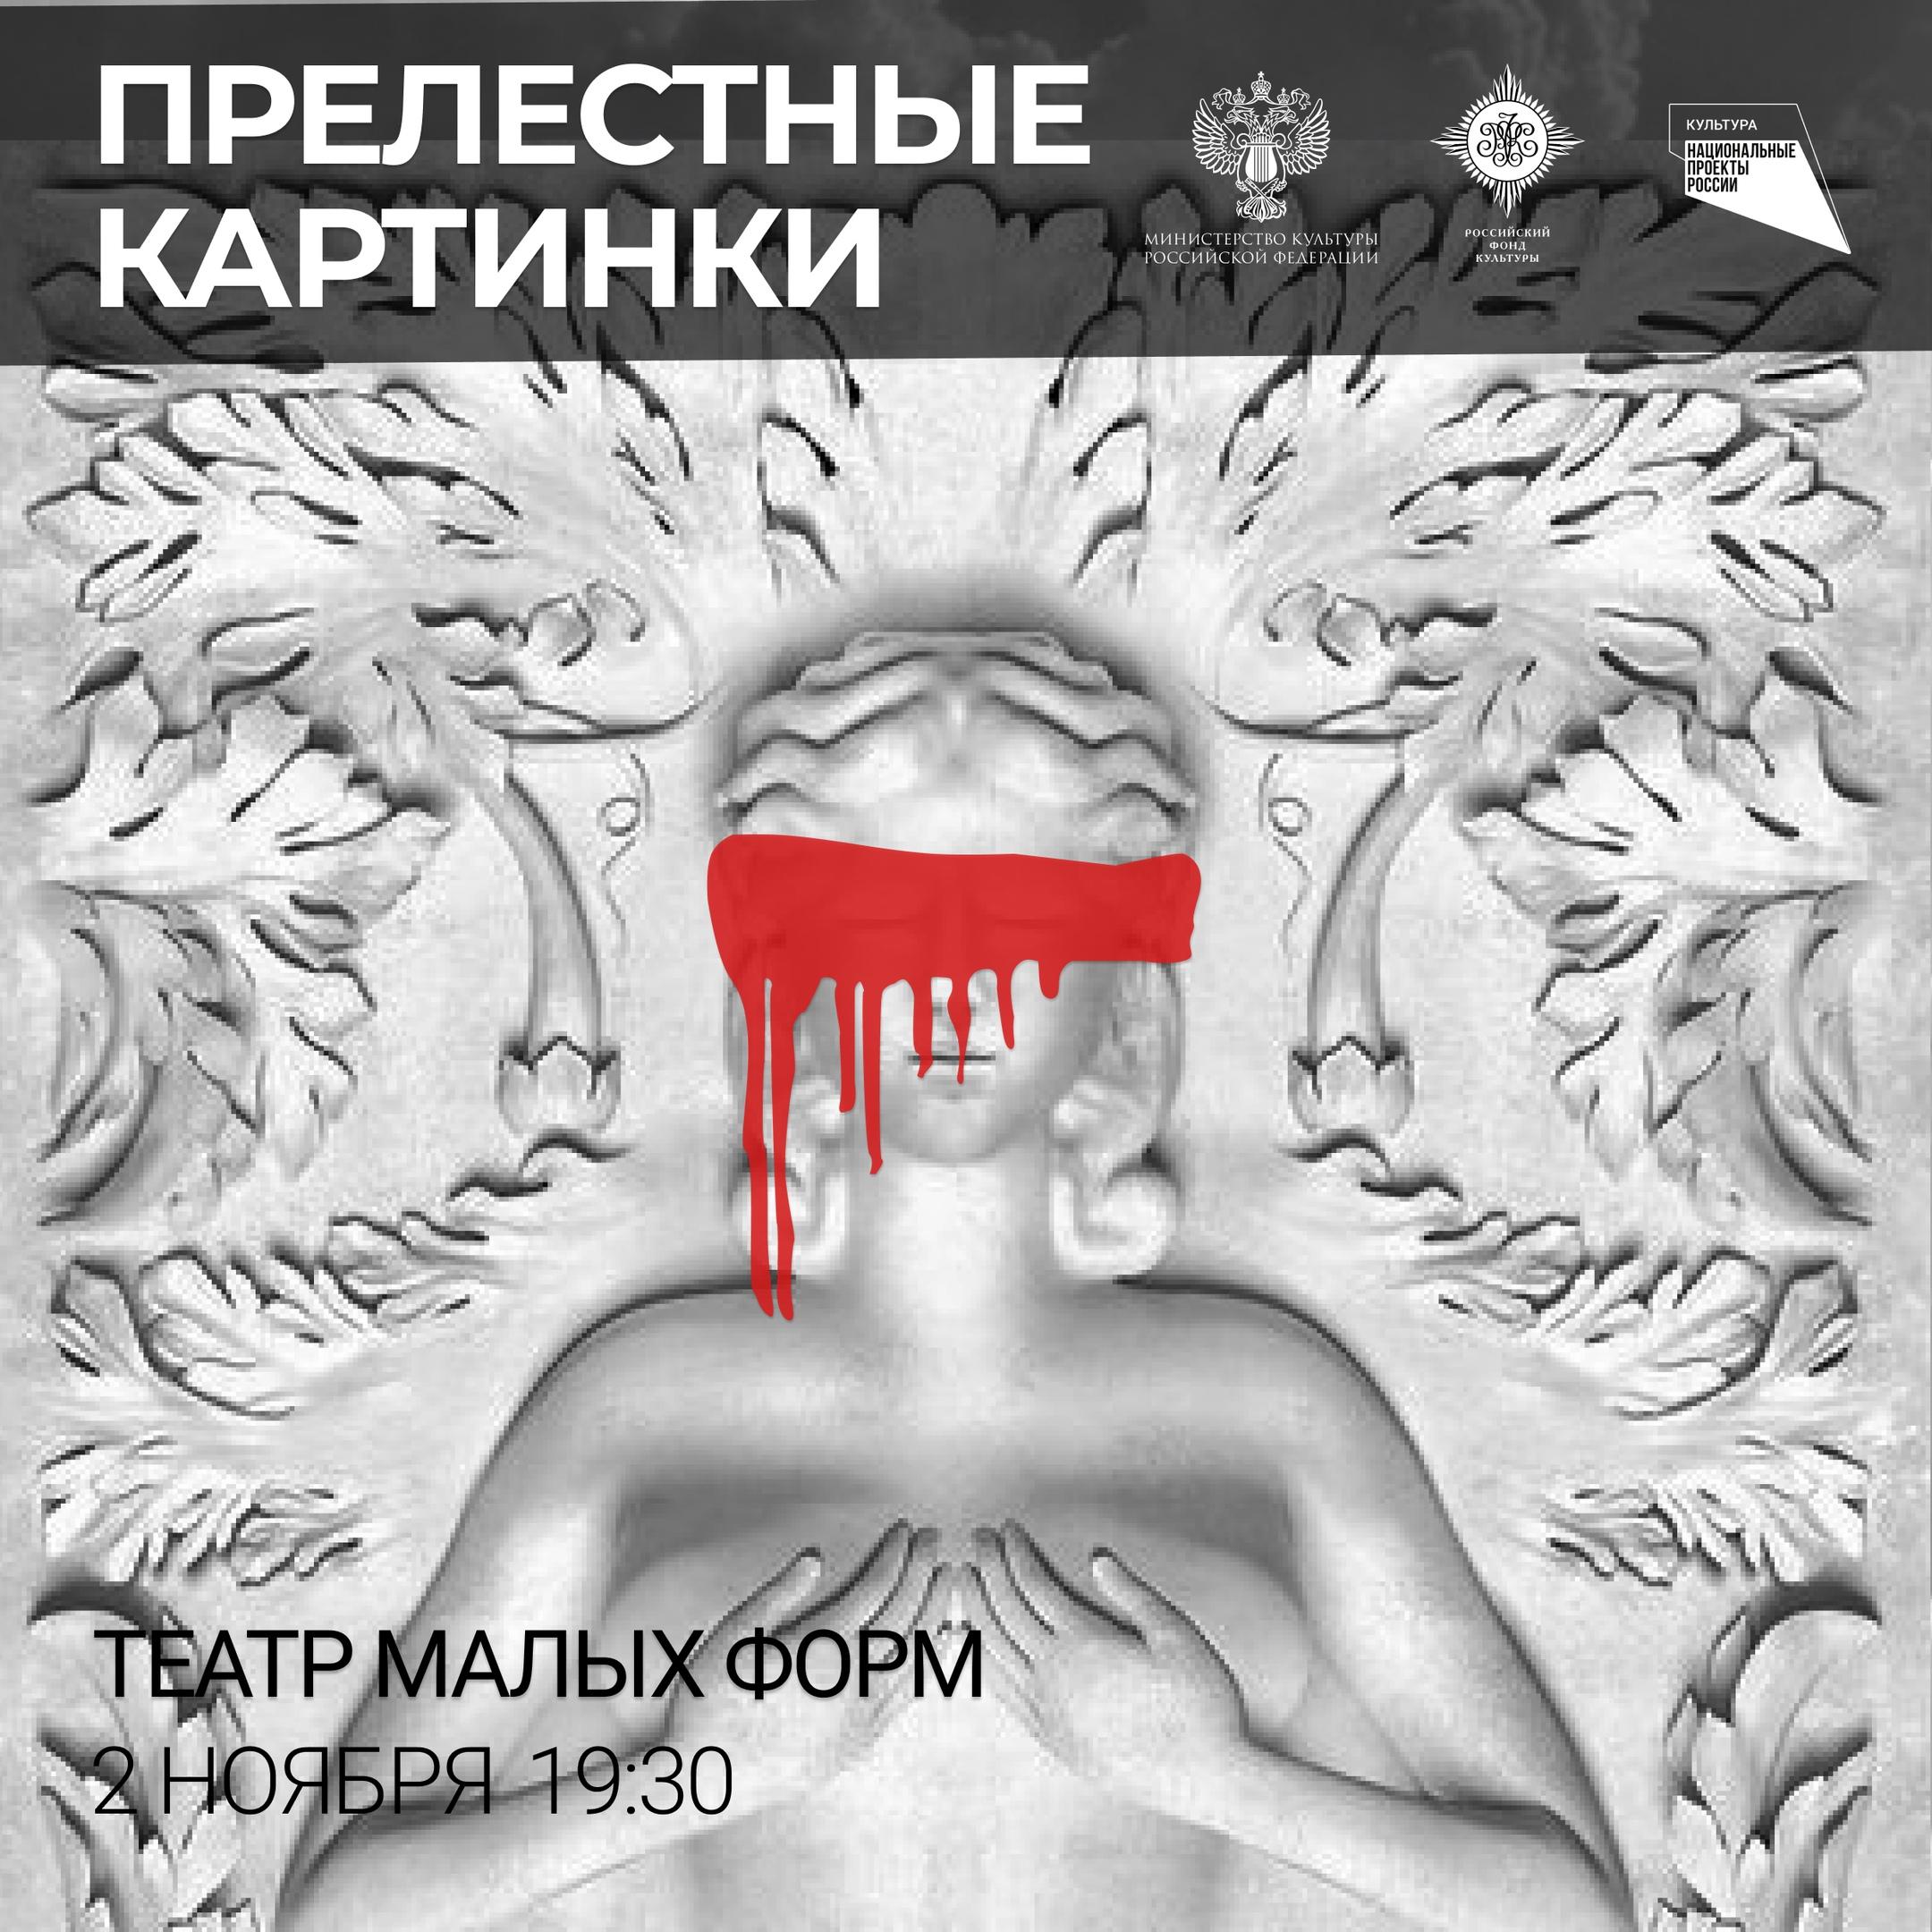 В Твери Театр малых форм покажет спектакль «Прелестные картинки»